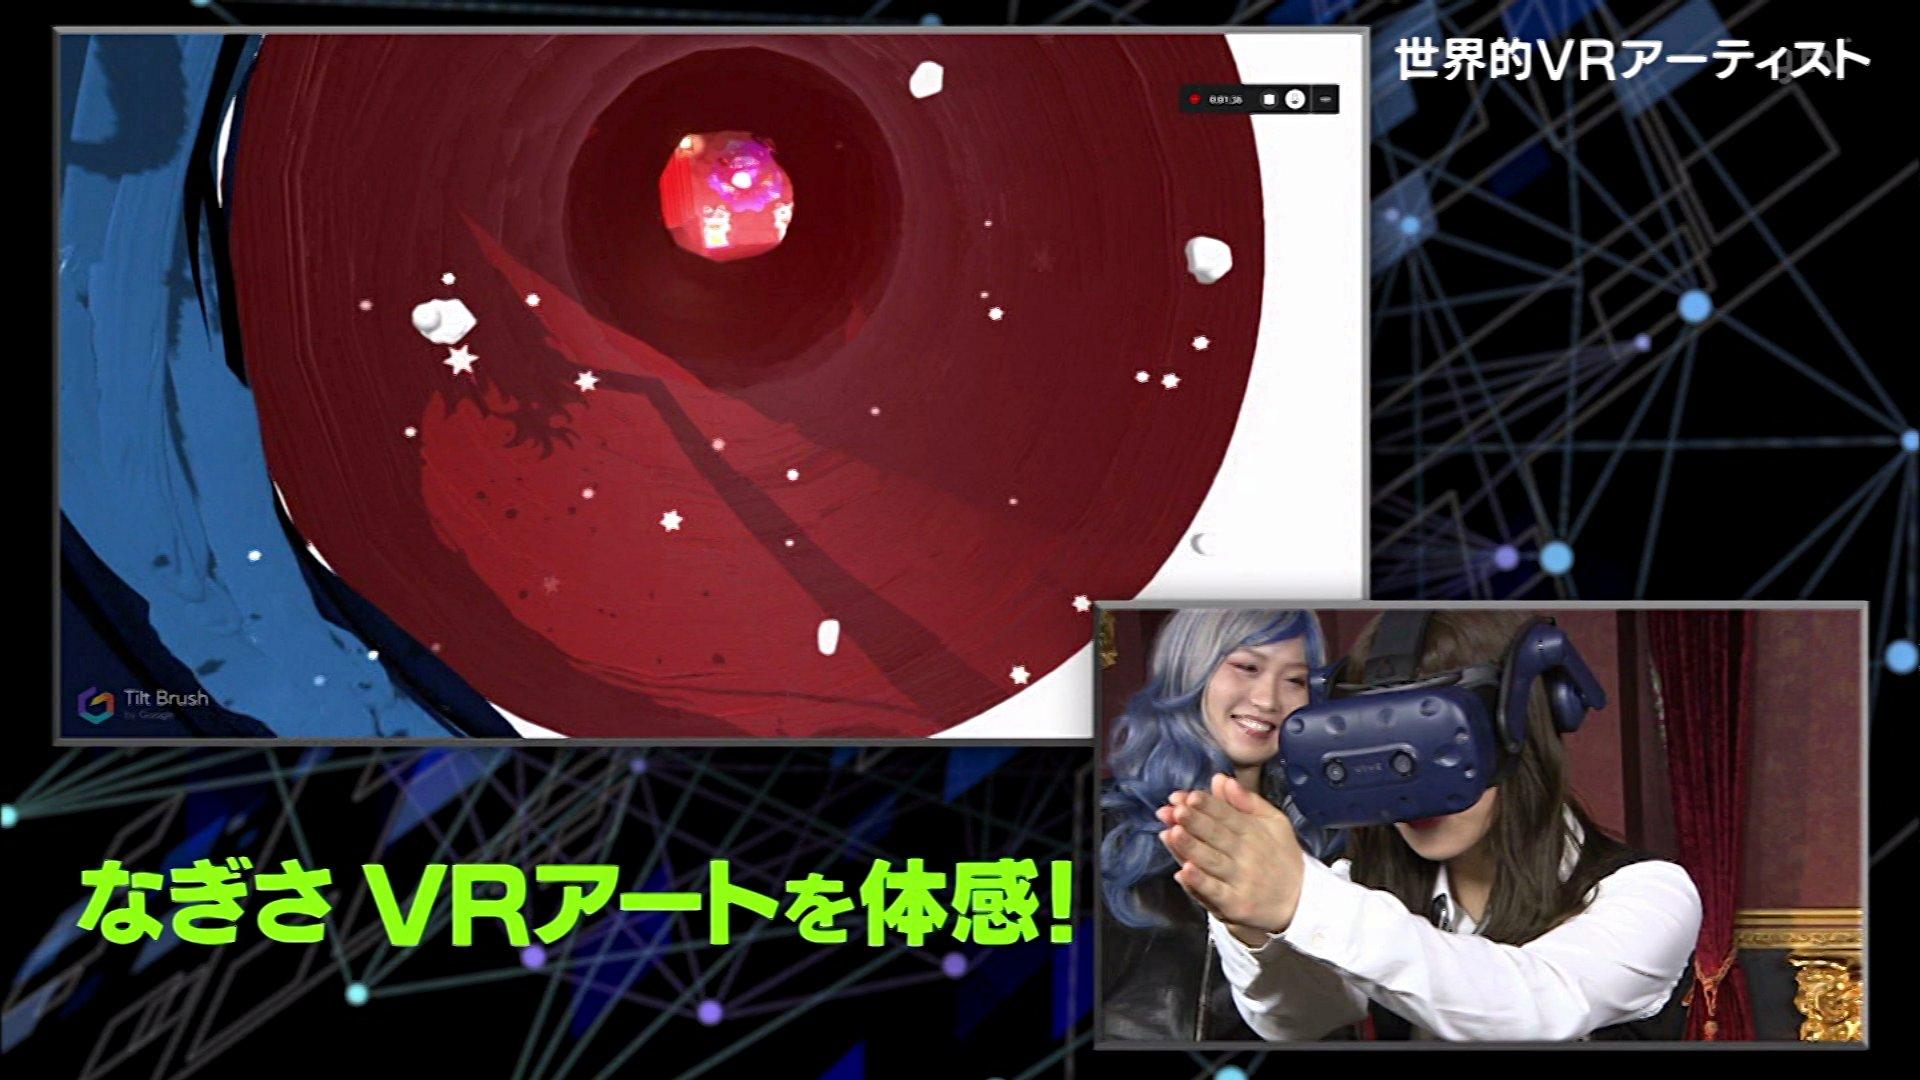 【渋谷凪咲】なぎさ出演6/15「ワケあり!レッドゾーン」の画像。世界初のVRアーティストが登場